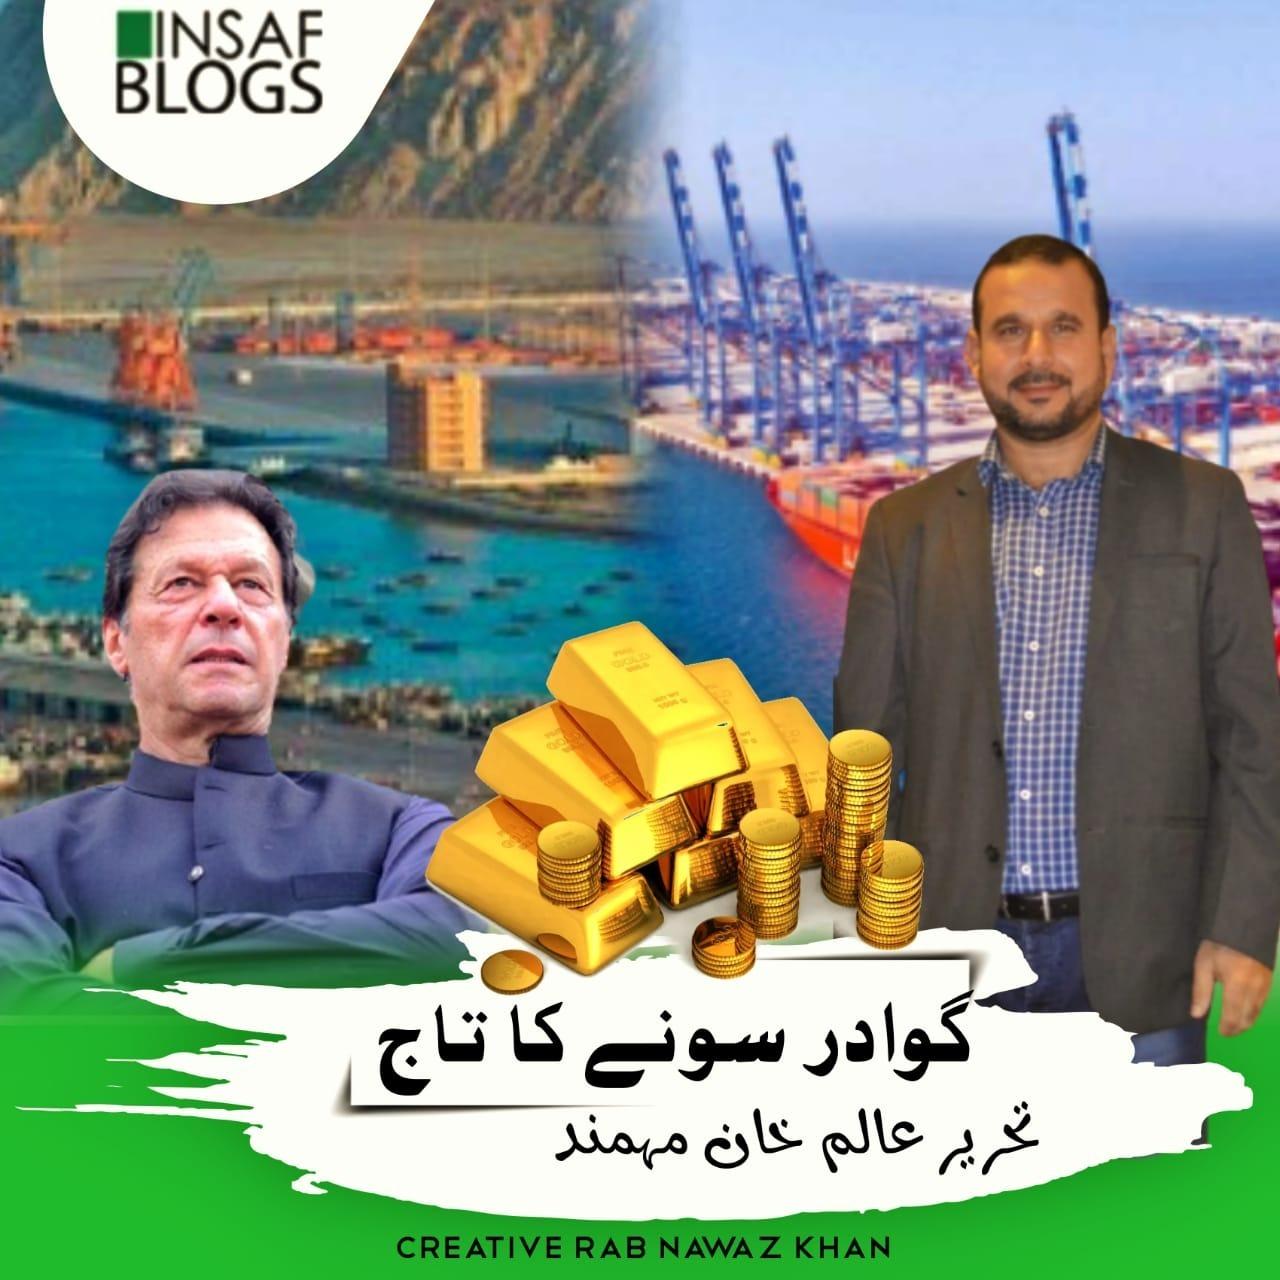 Gwadar Sonay Ka Taaj - Insaf Blog